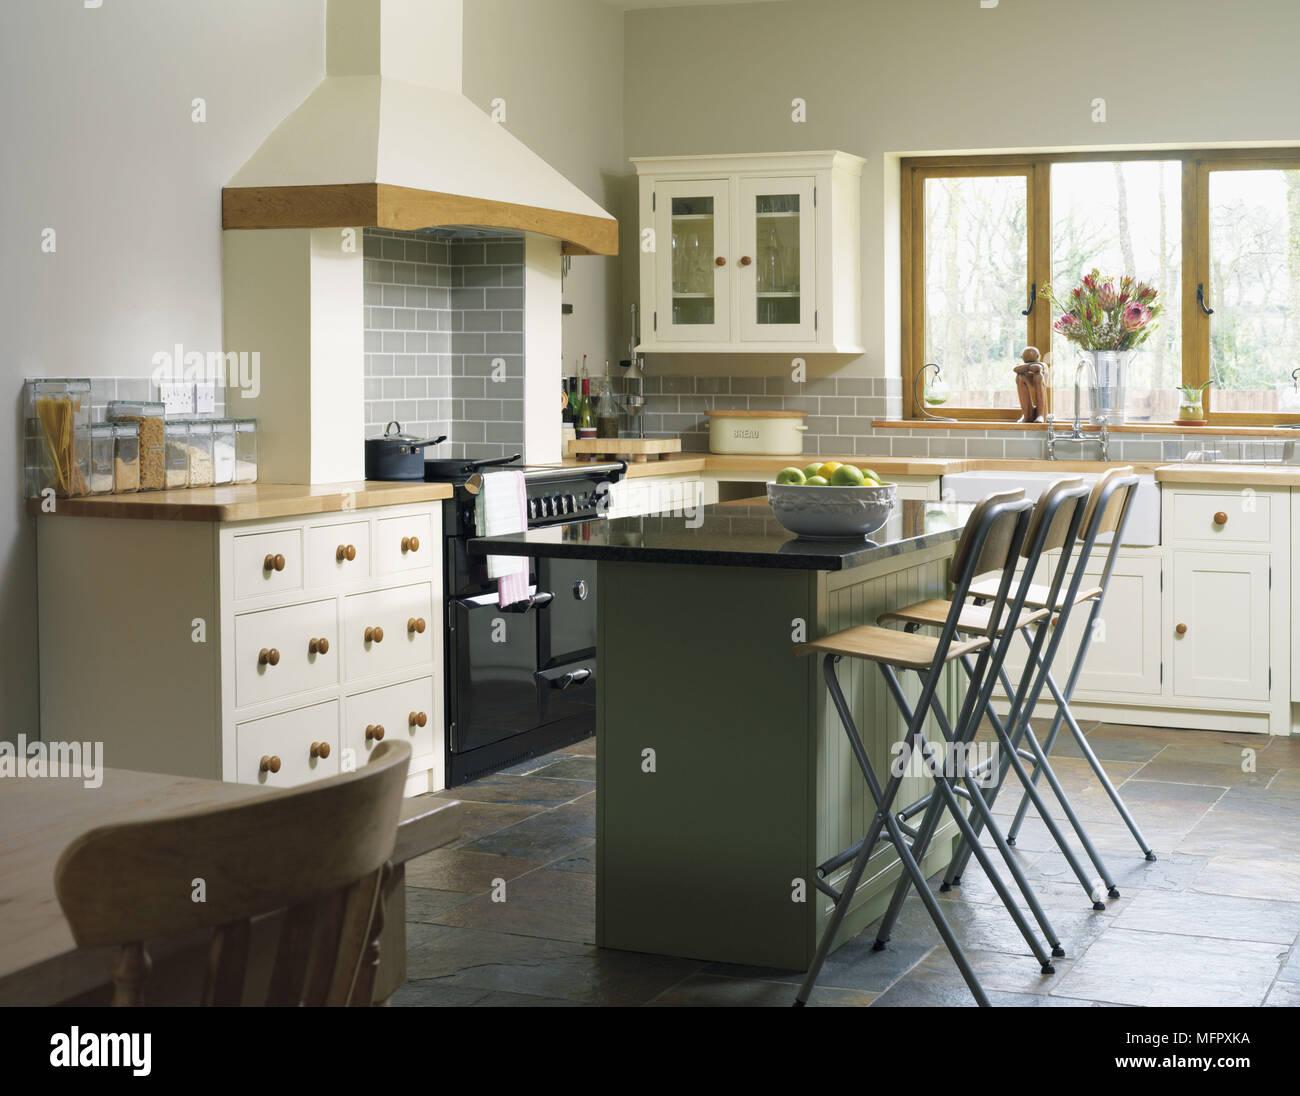 Kitchen Island Storage Stockfotos & Kitchen Island Storage Bilder ...